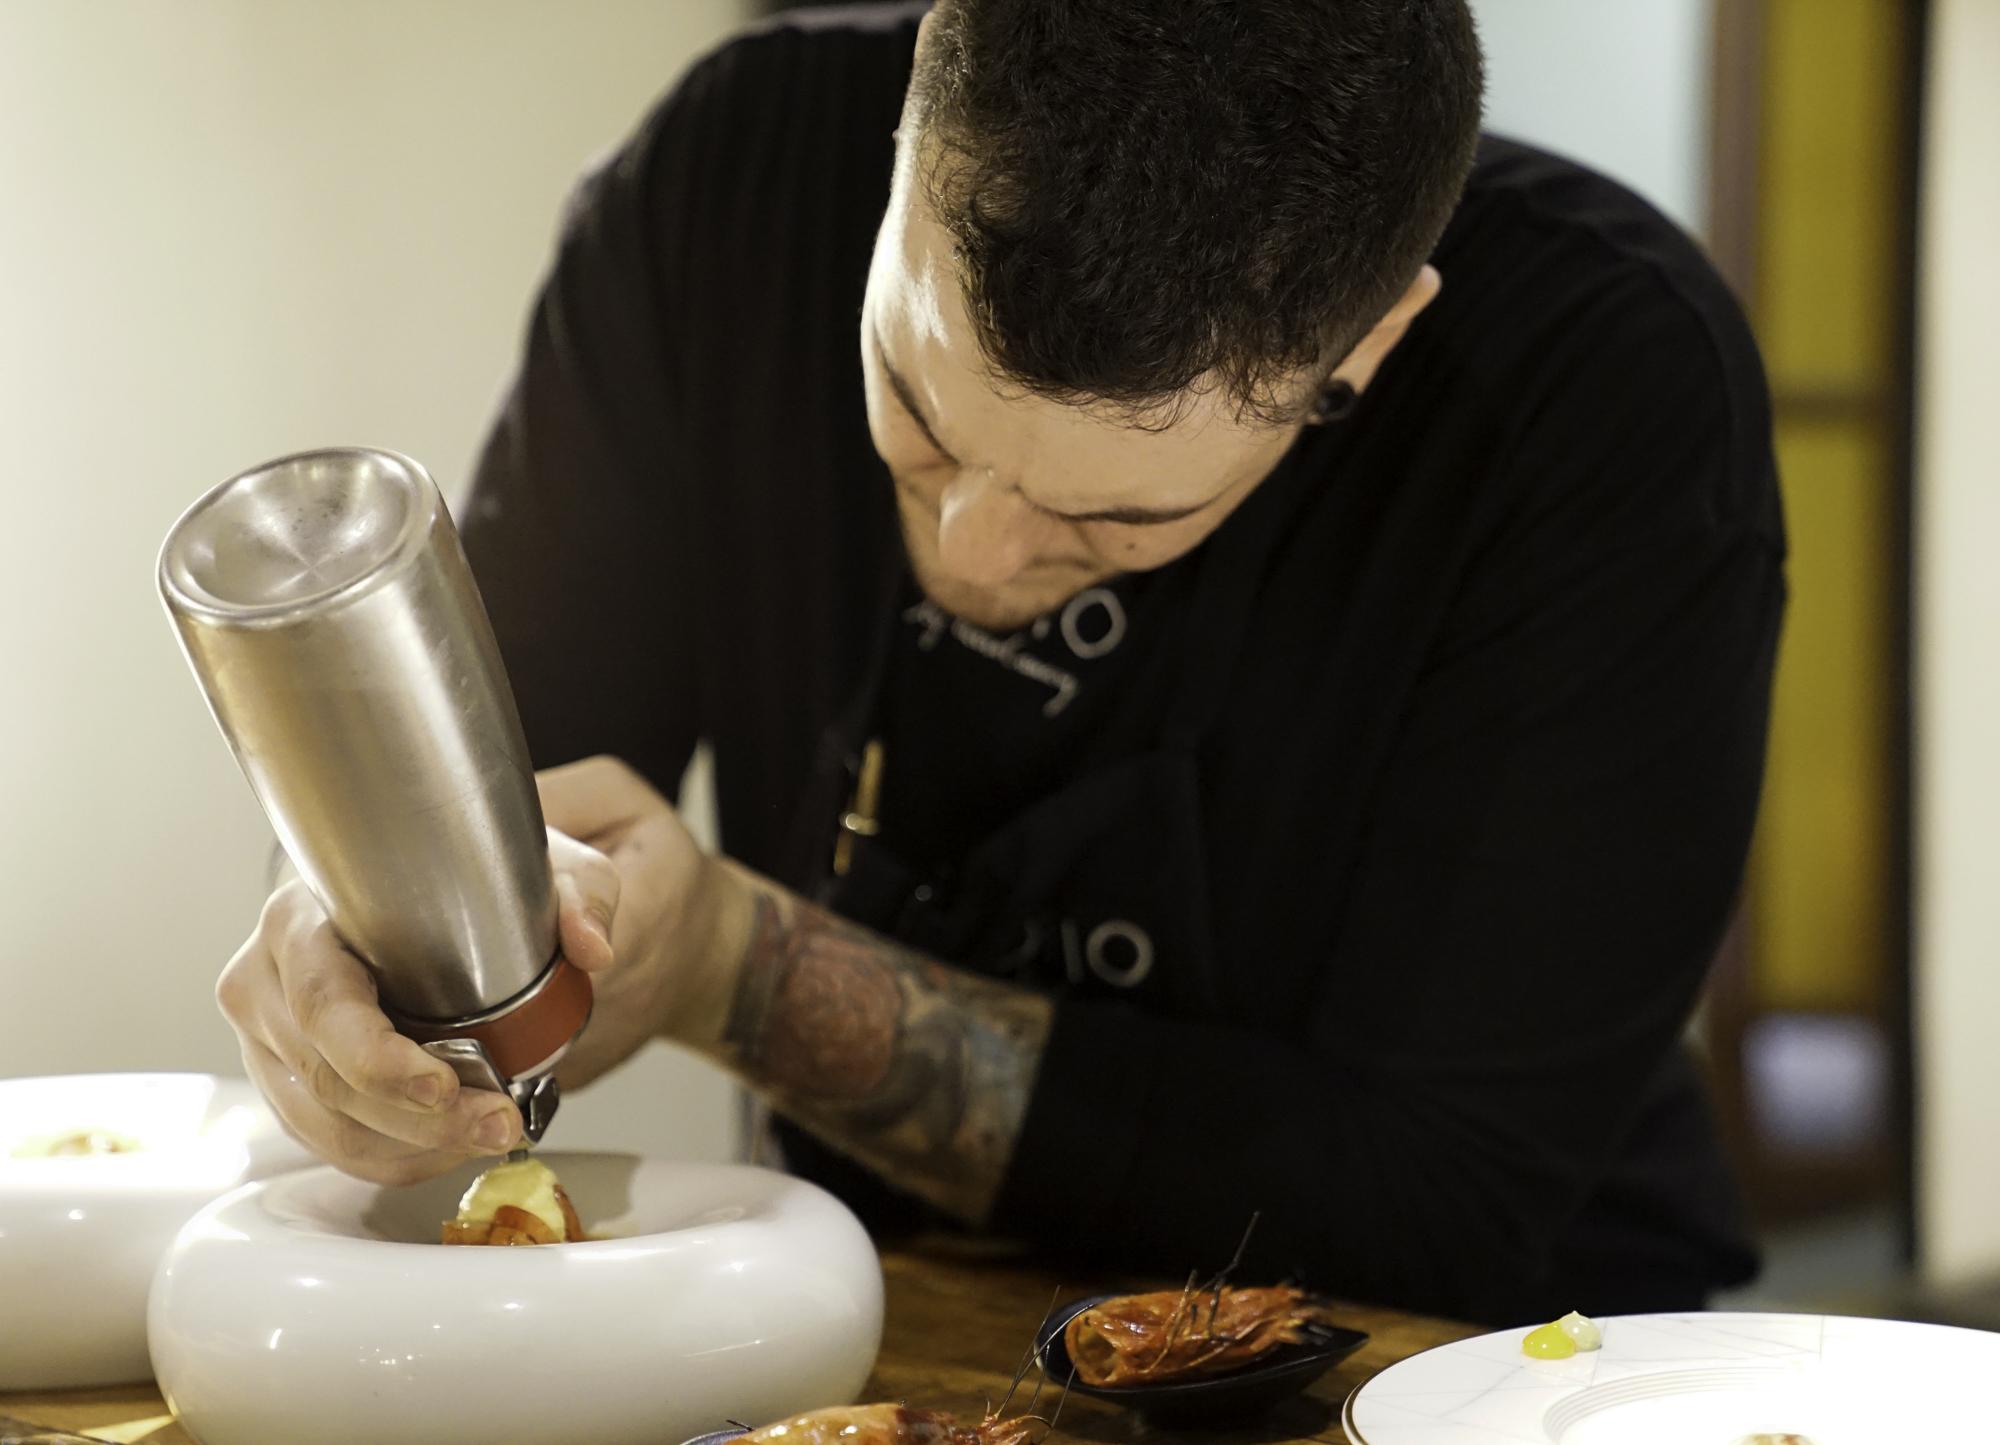 En 'Gofio' encontramos una propuesta culinaria que rompe tópicos y revela imaginación.